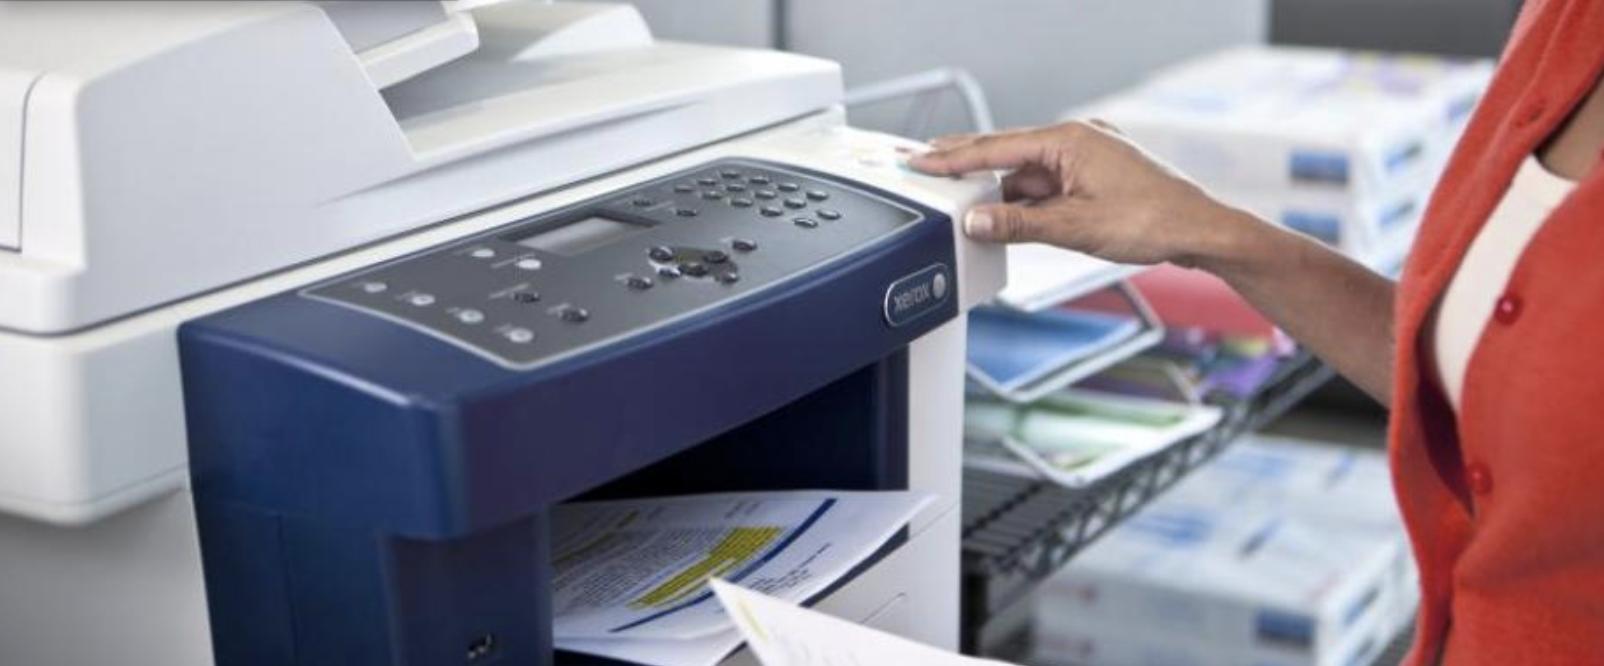 Xerox AltaLink C8030 / C8035 / C8045 / C8055 / C8070 Color